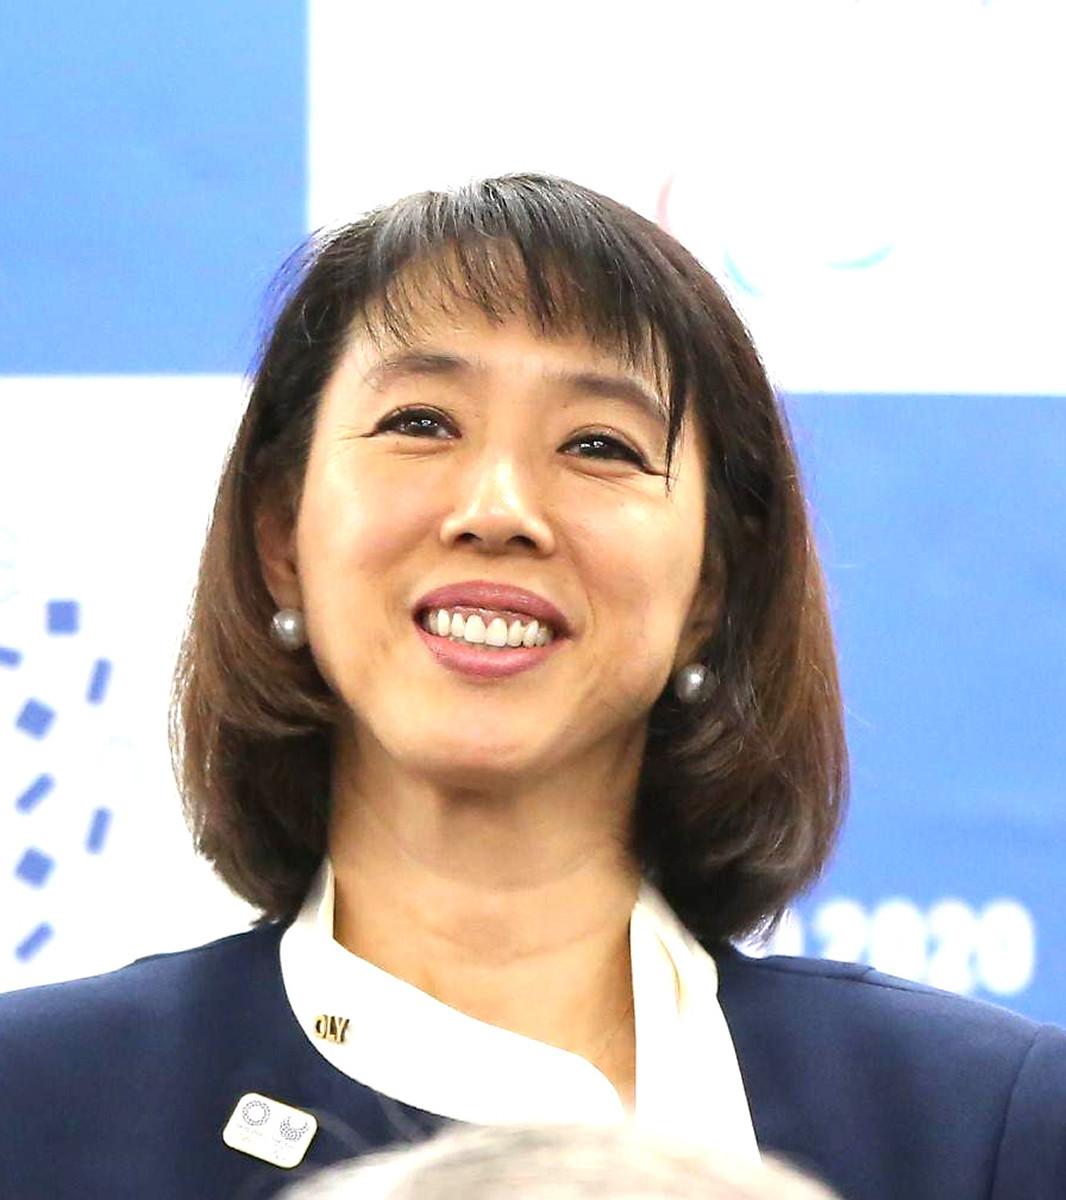 小谷実可子氏、五輪組織委新会長候補に急浮上…「女性」「若さ」条件合致